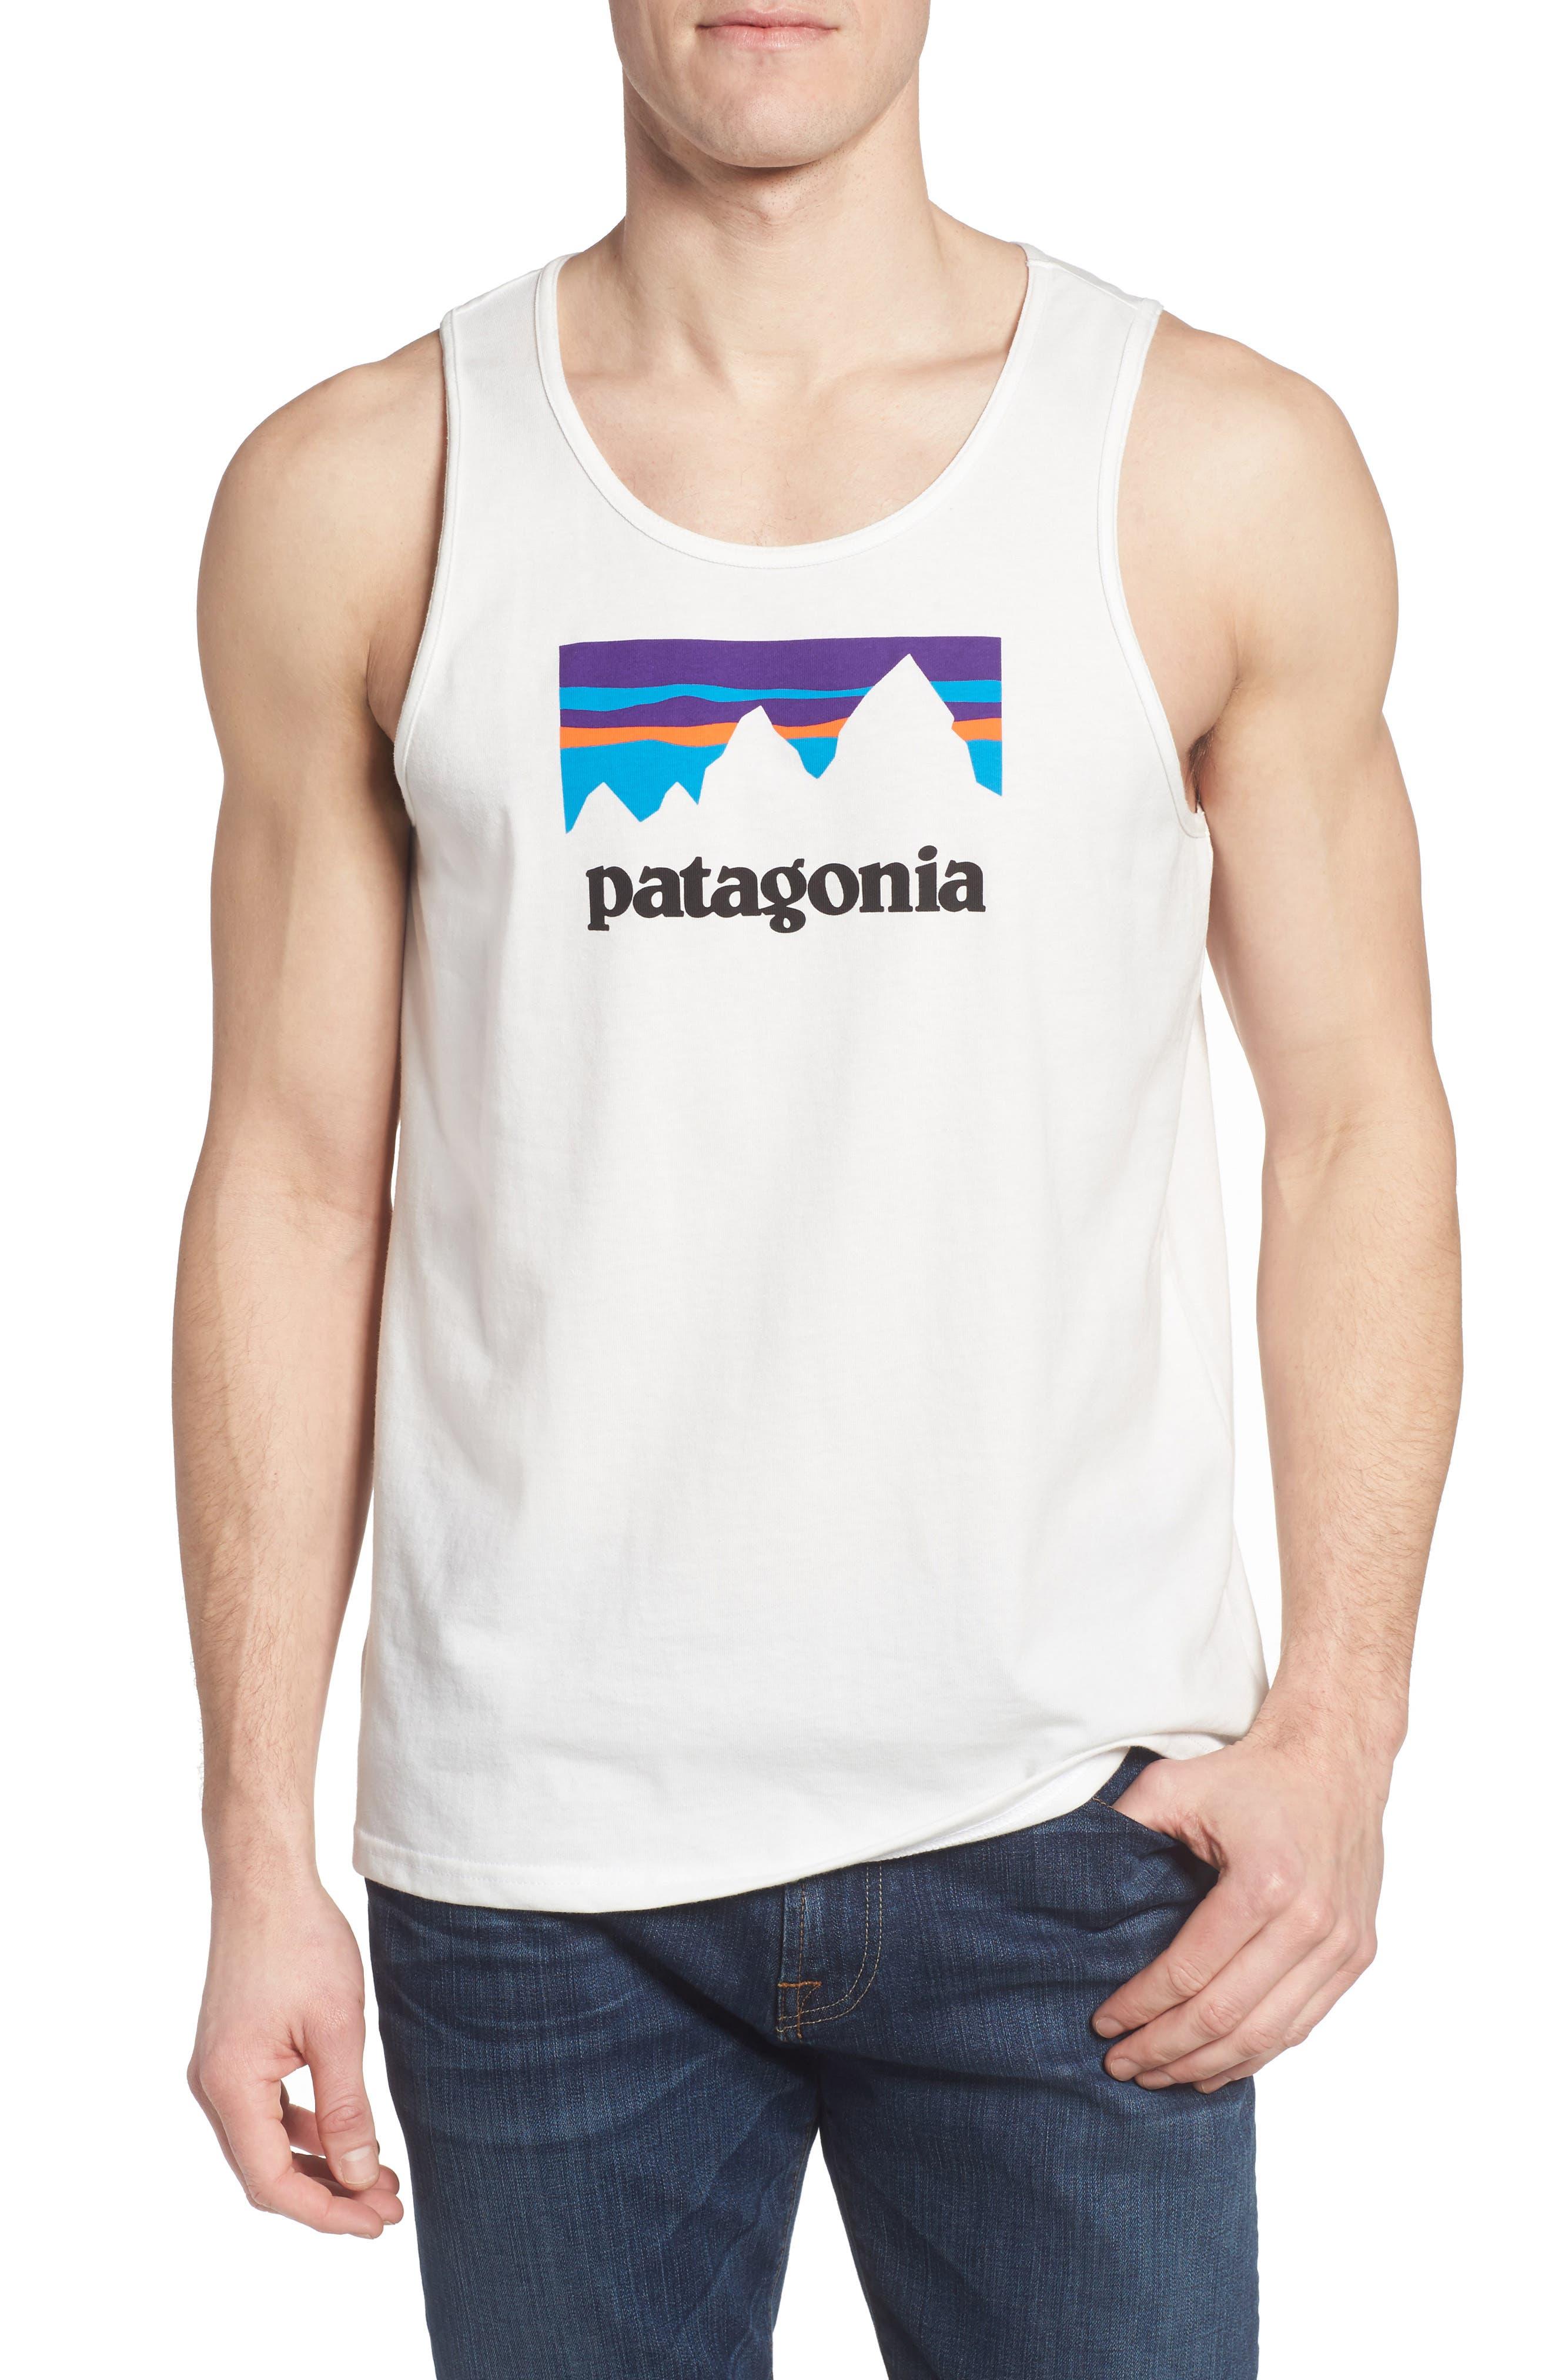 Patagonia Shop Sticker Regular Fit Tank